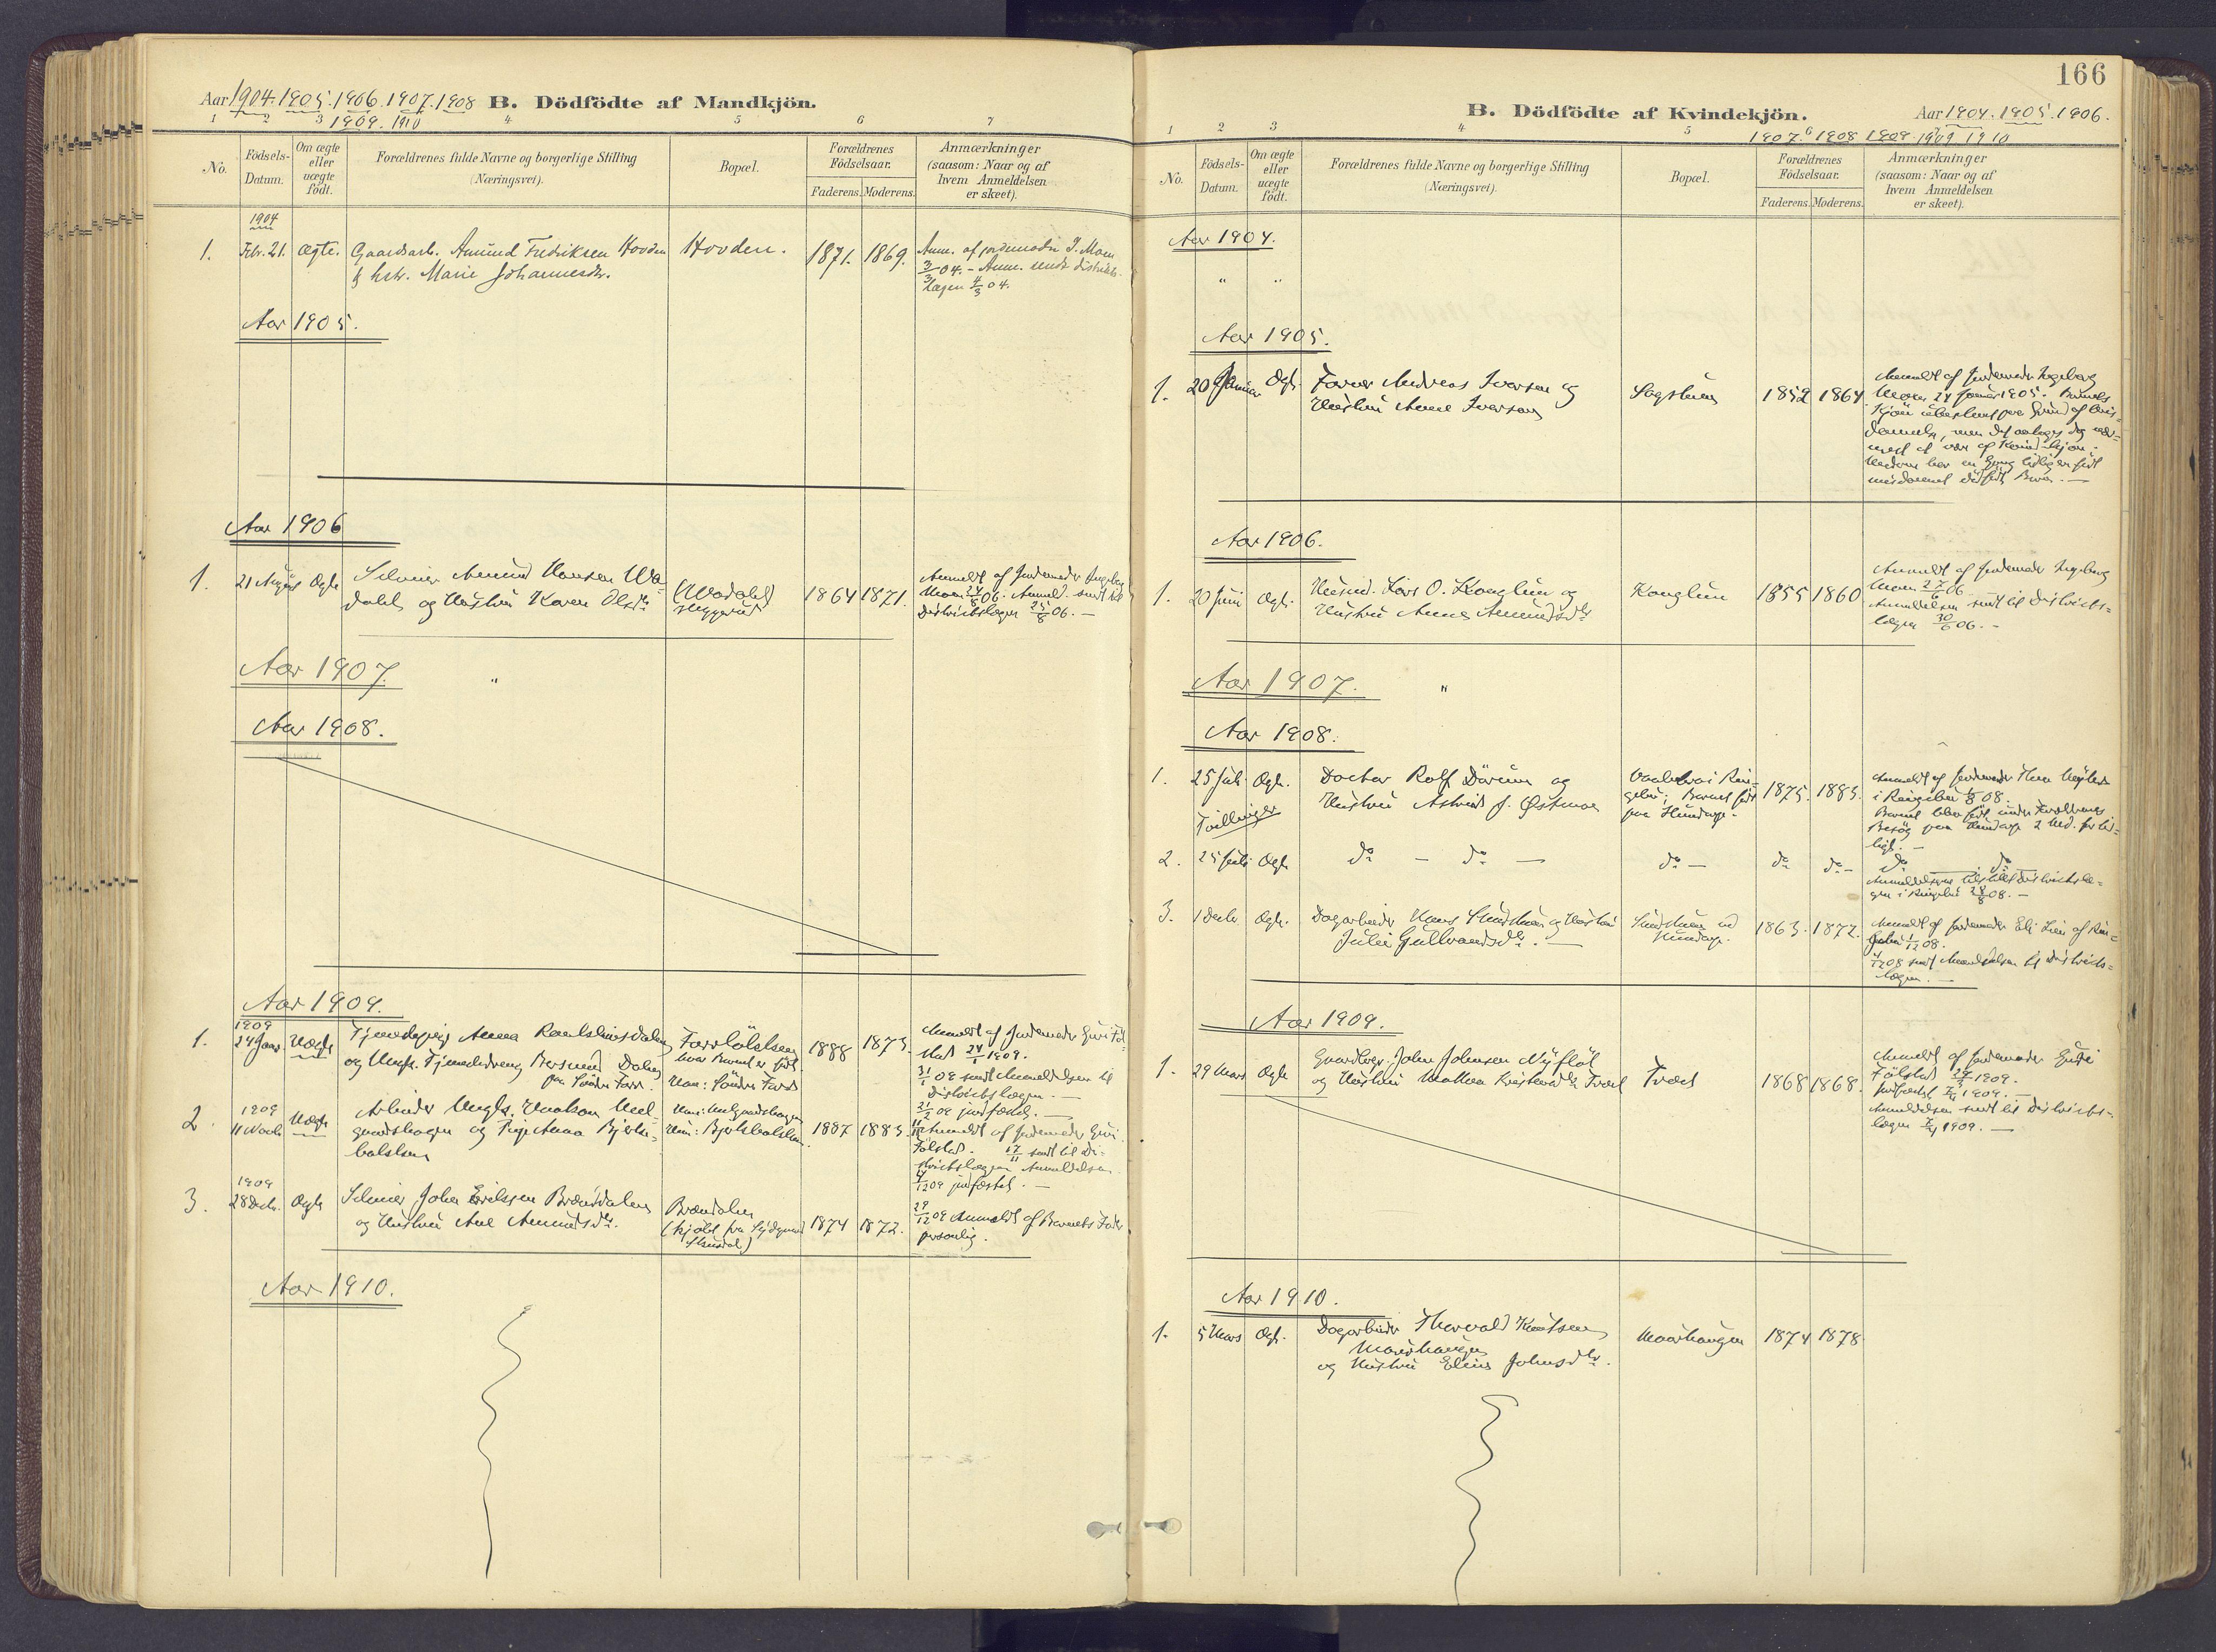 SAH, Sør-Fron prestekontor, H/Ha/Haa/L0004: Ministerialbok nr. 4, 1898-1919, s. 166